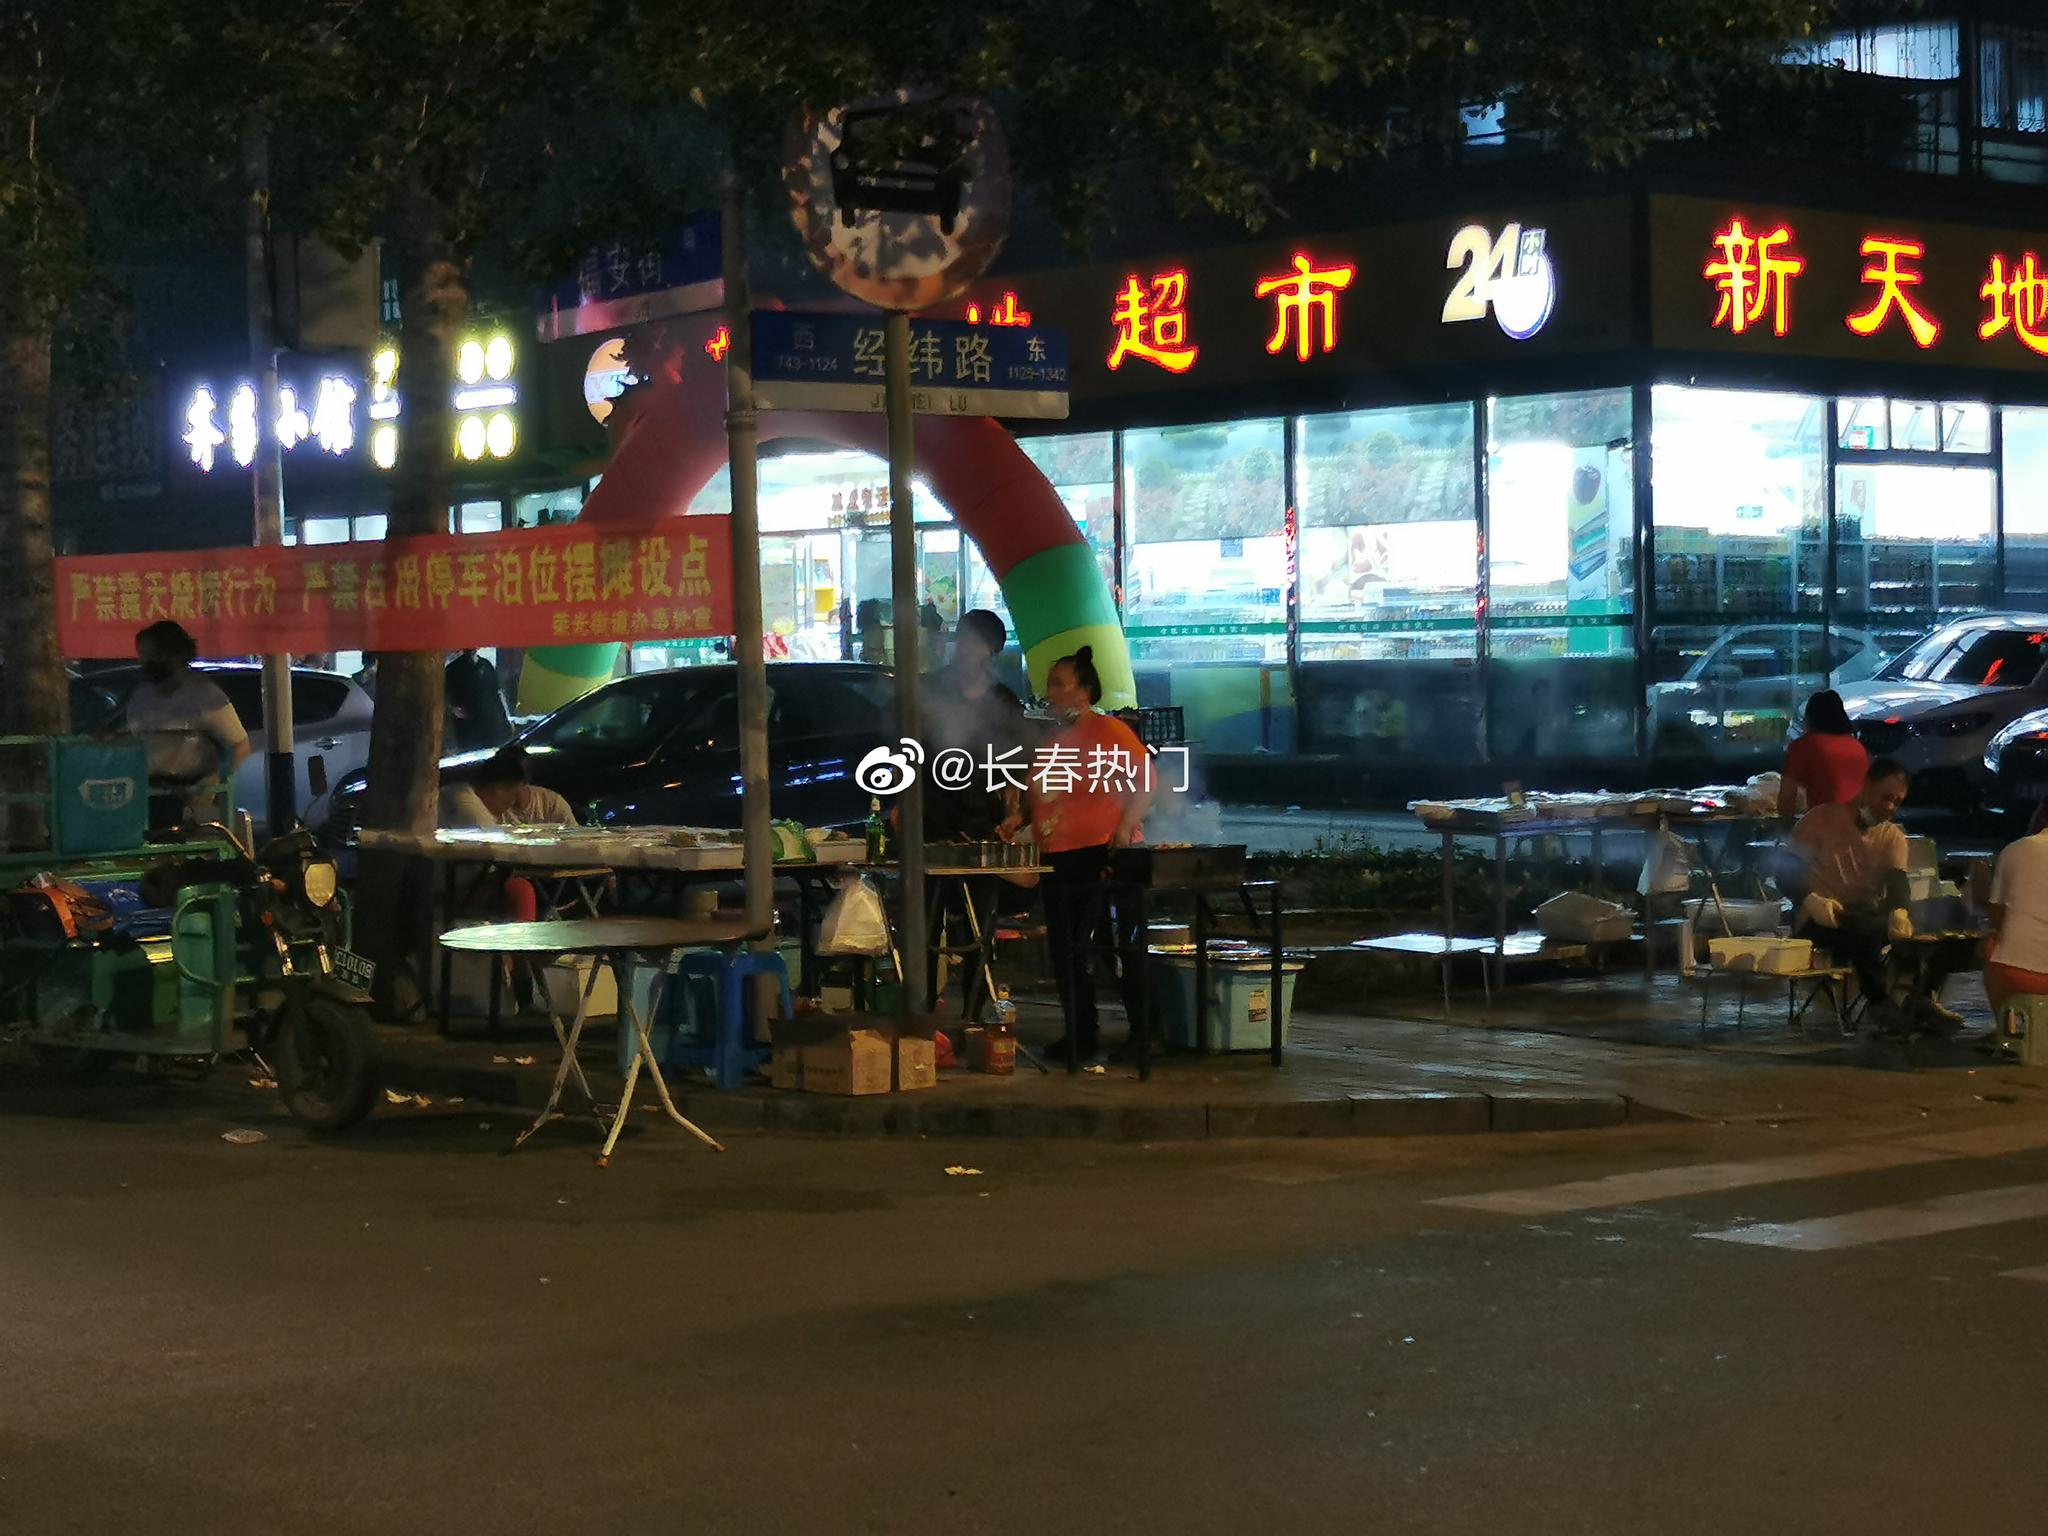 网友吐槽:经纬路福安街的露天烧烤,烟都进屋了,横幅就是个摆设